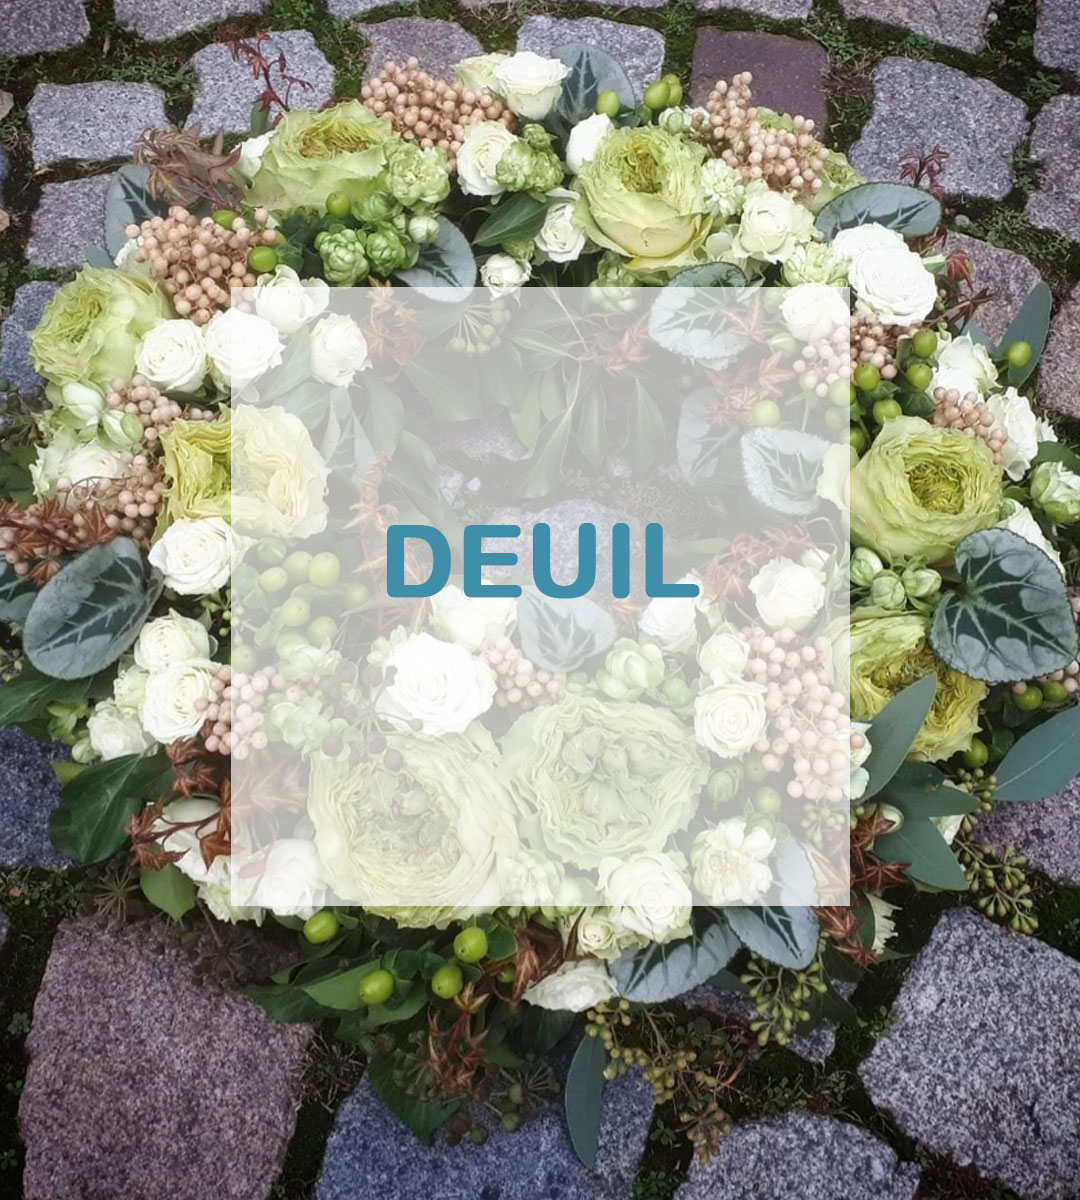 au paradis des fleurs neuville sur saone mariage fleurs lyon deuil livraison deuil